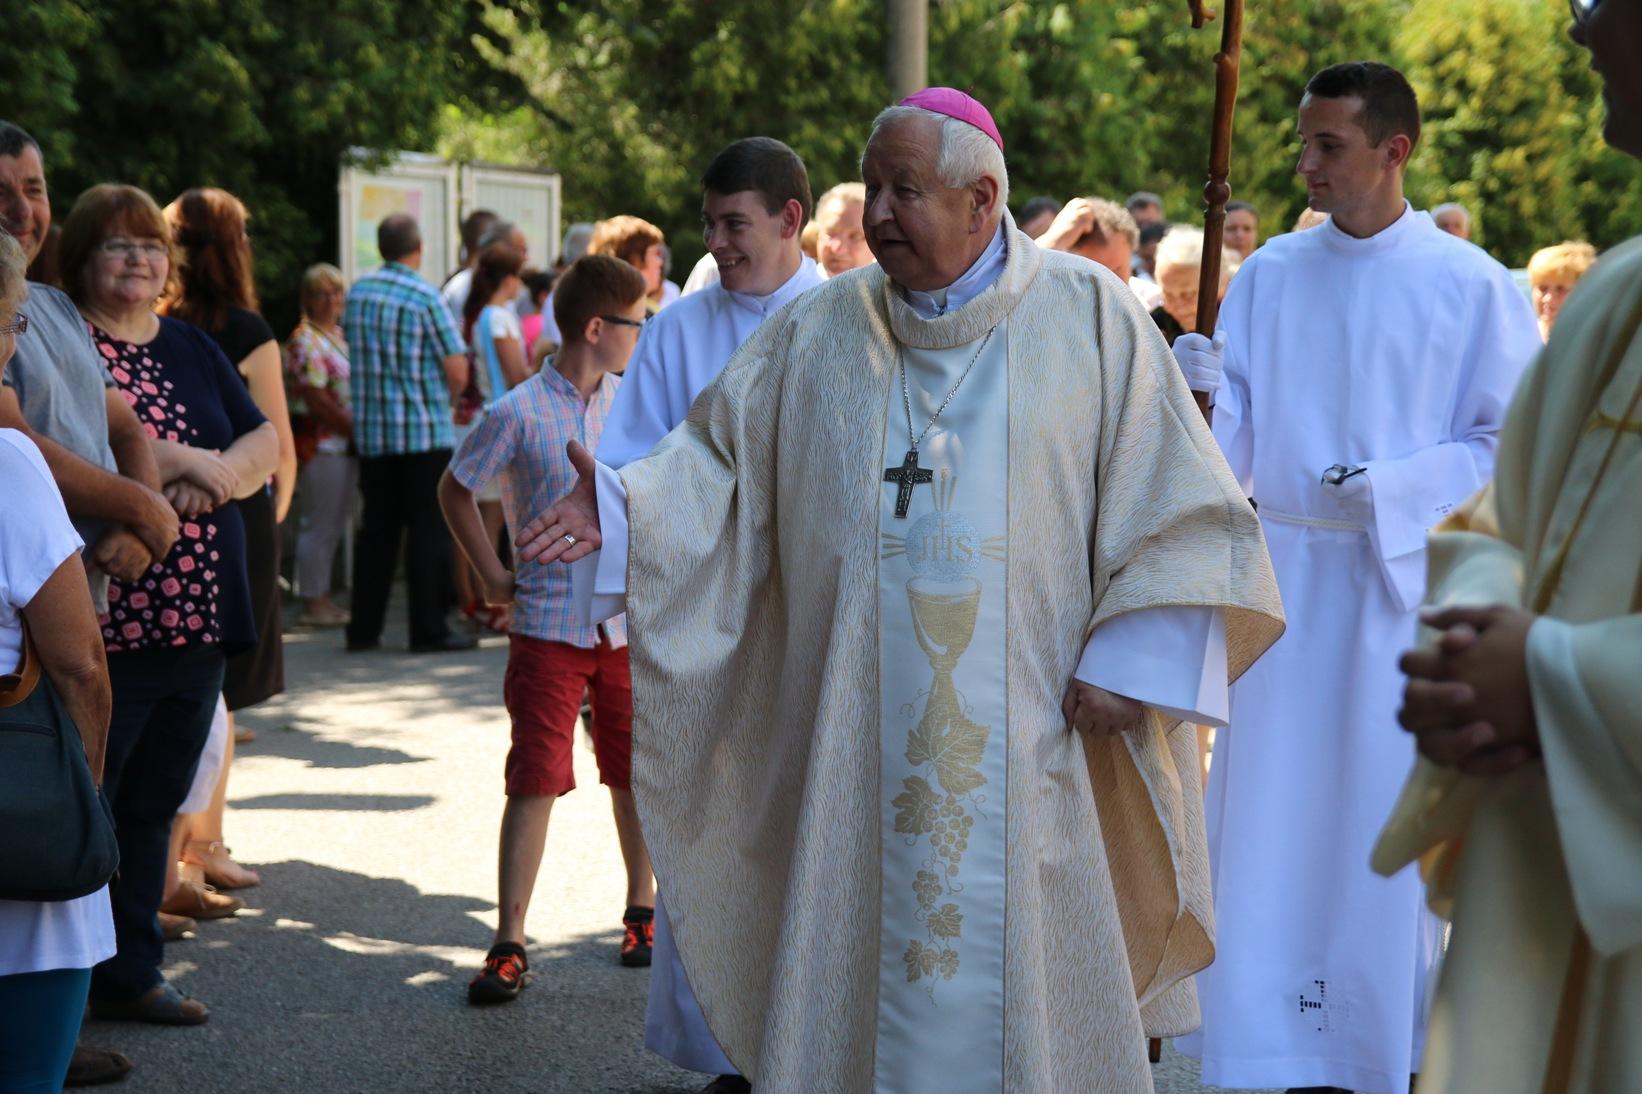 Stretnutie s veriacimi v Zákamennom, v rodisku biskupa Jána Vojtaššáka